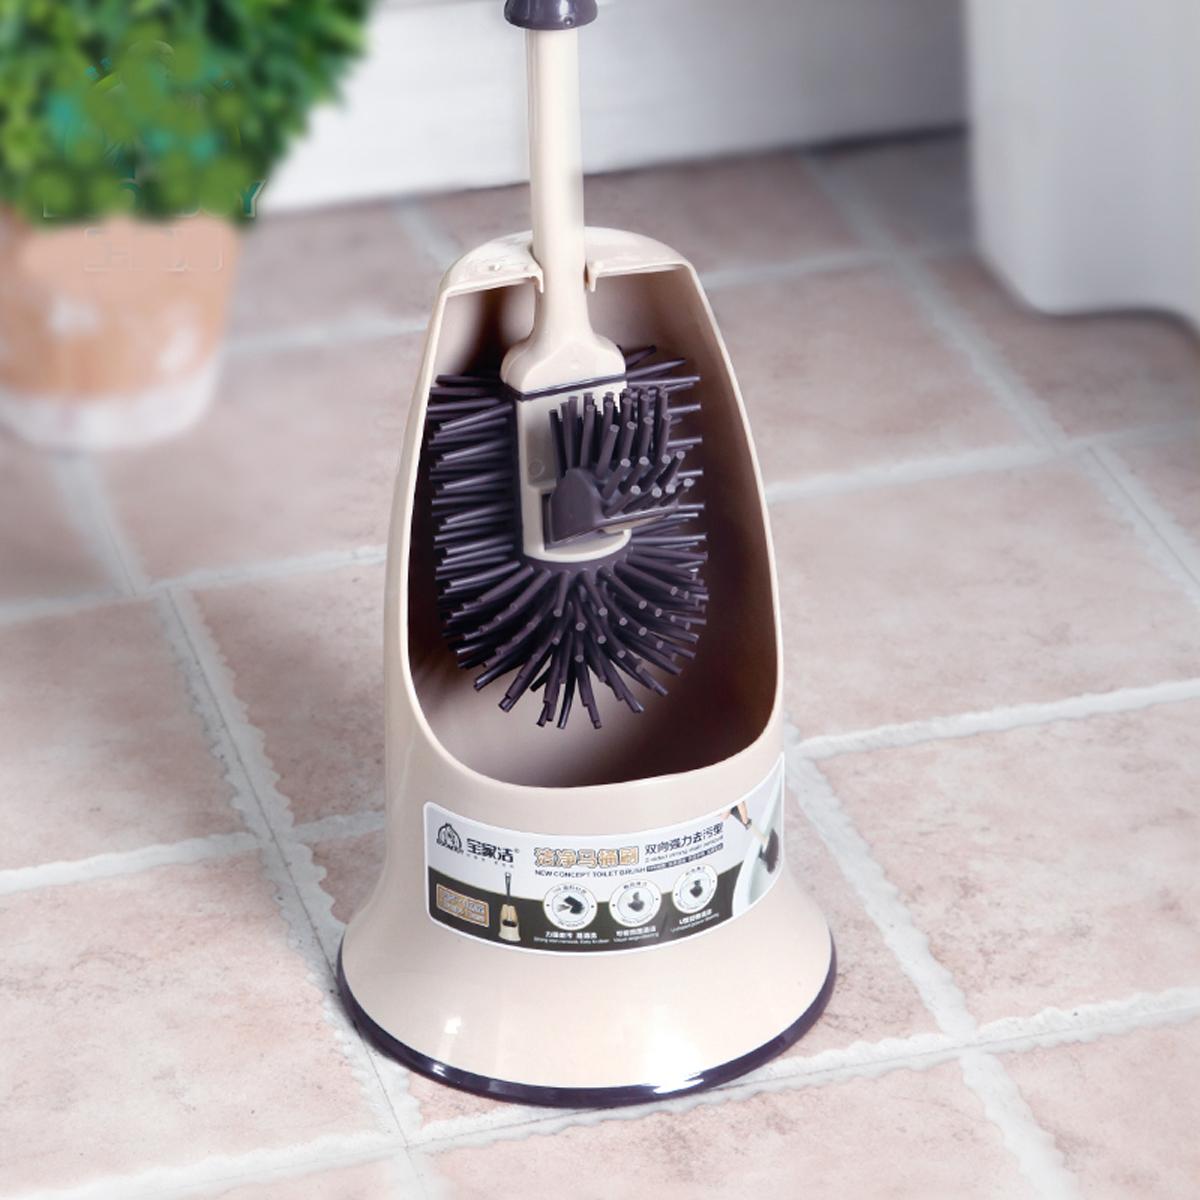 Ершик для туалета Boomjoy Toilet Brush, с подставкой ершик для туалета wess elegance с подставкой цвет белый g79 40